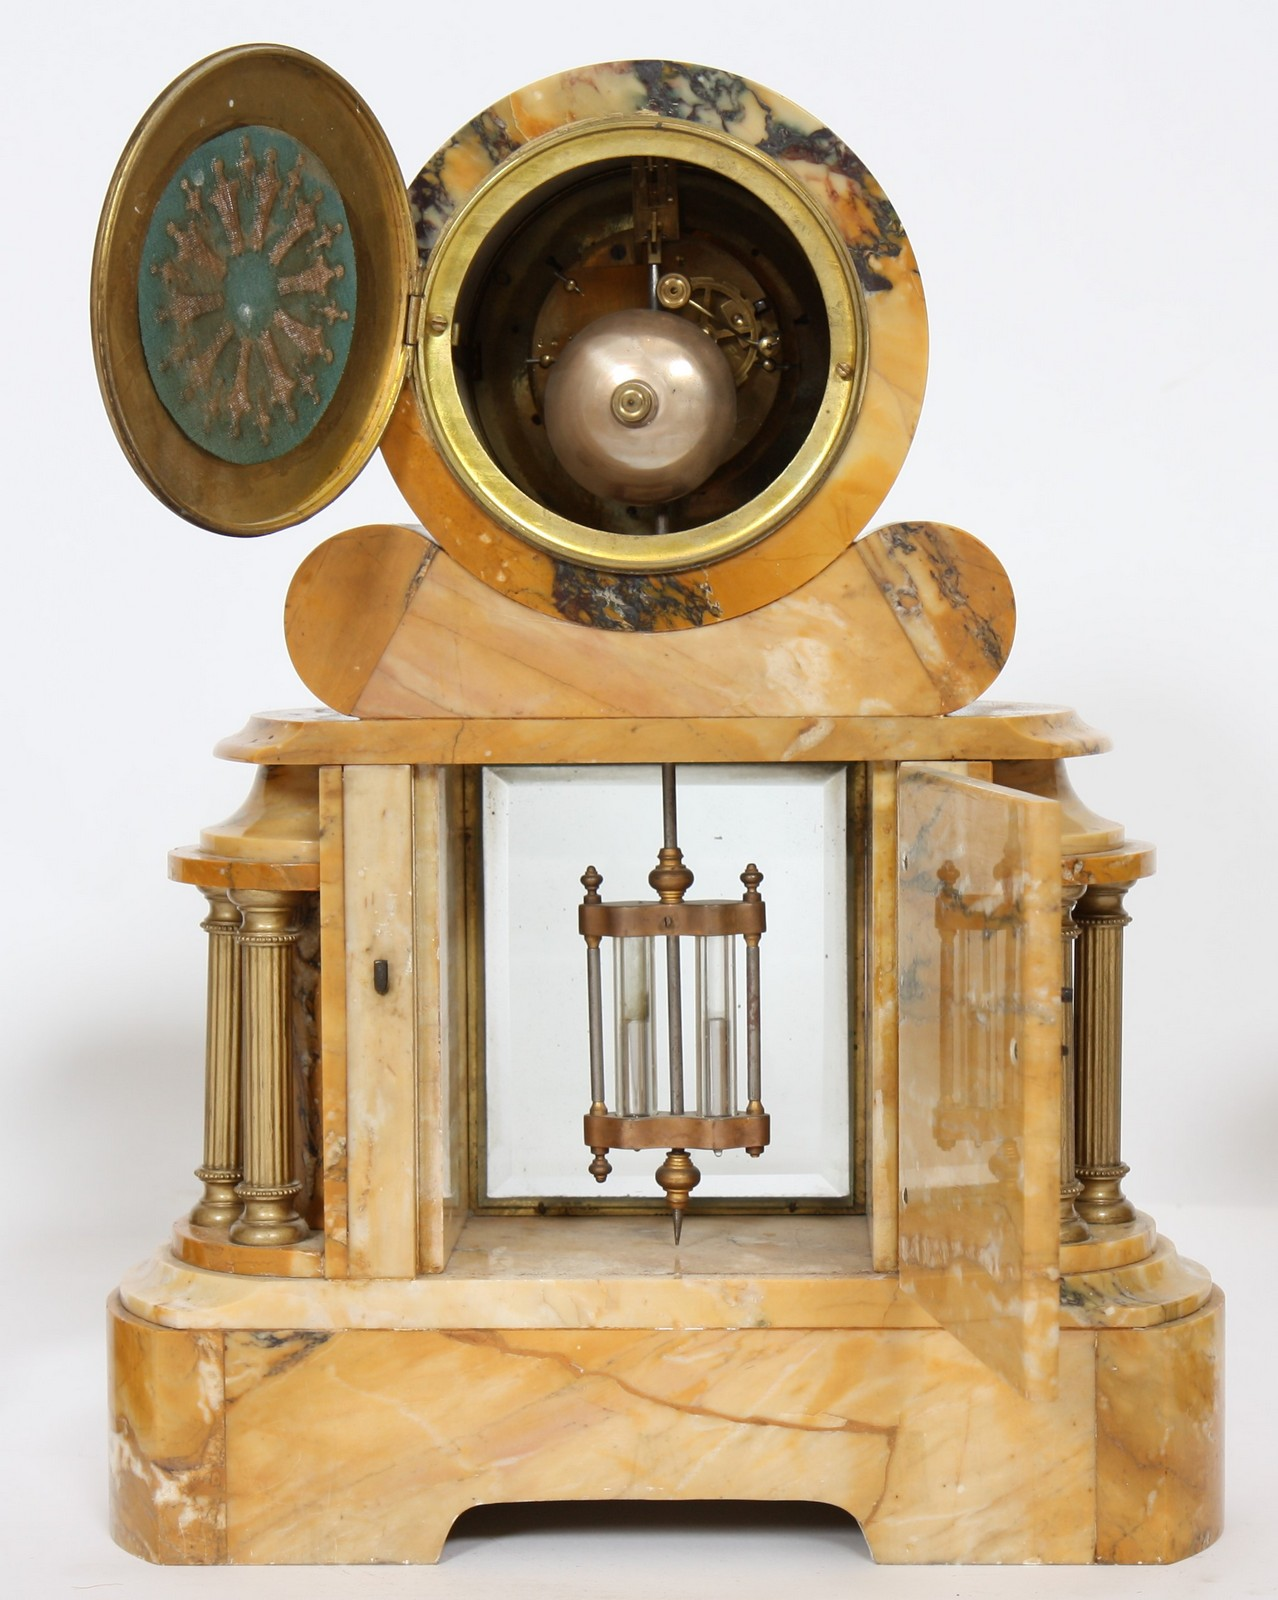 GARNITURE EN MARBRE 1930 Composée d'une pendule et d'une paire de cassolettes en marbre, à - Image 3 of 4